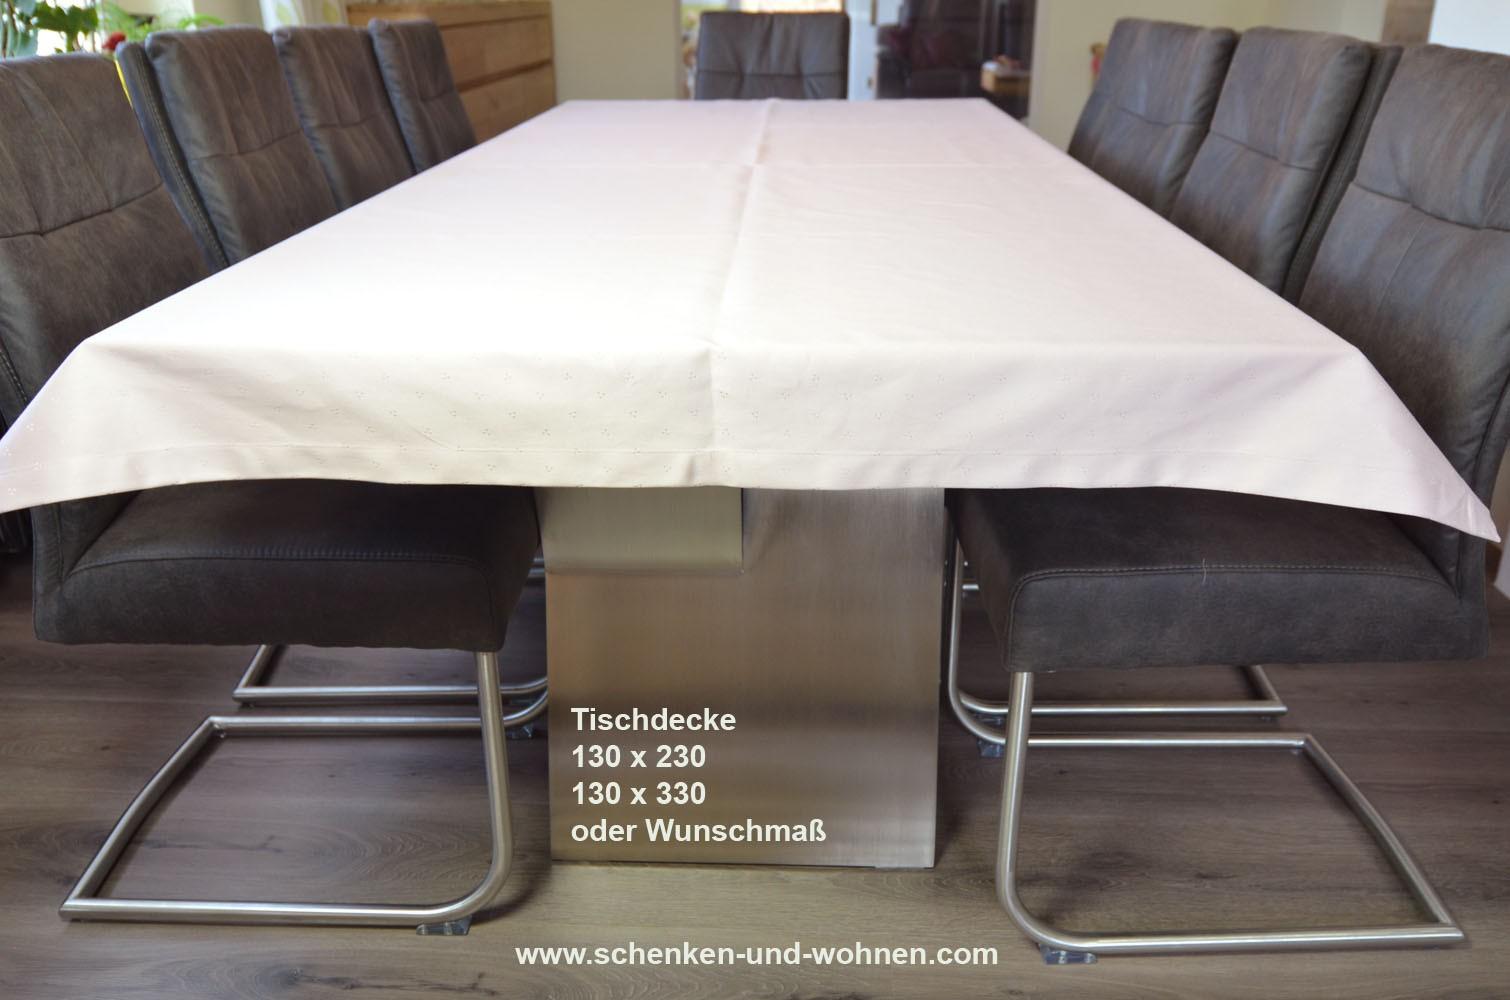 Tischwäsche Tischdecke 130 x 330 cm rosé